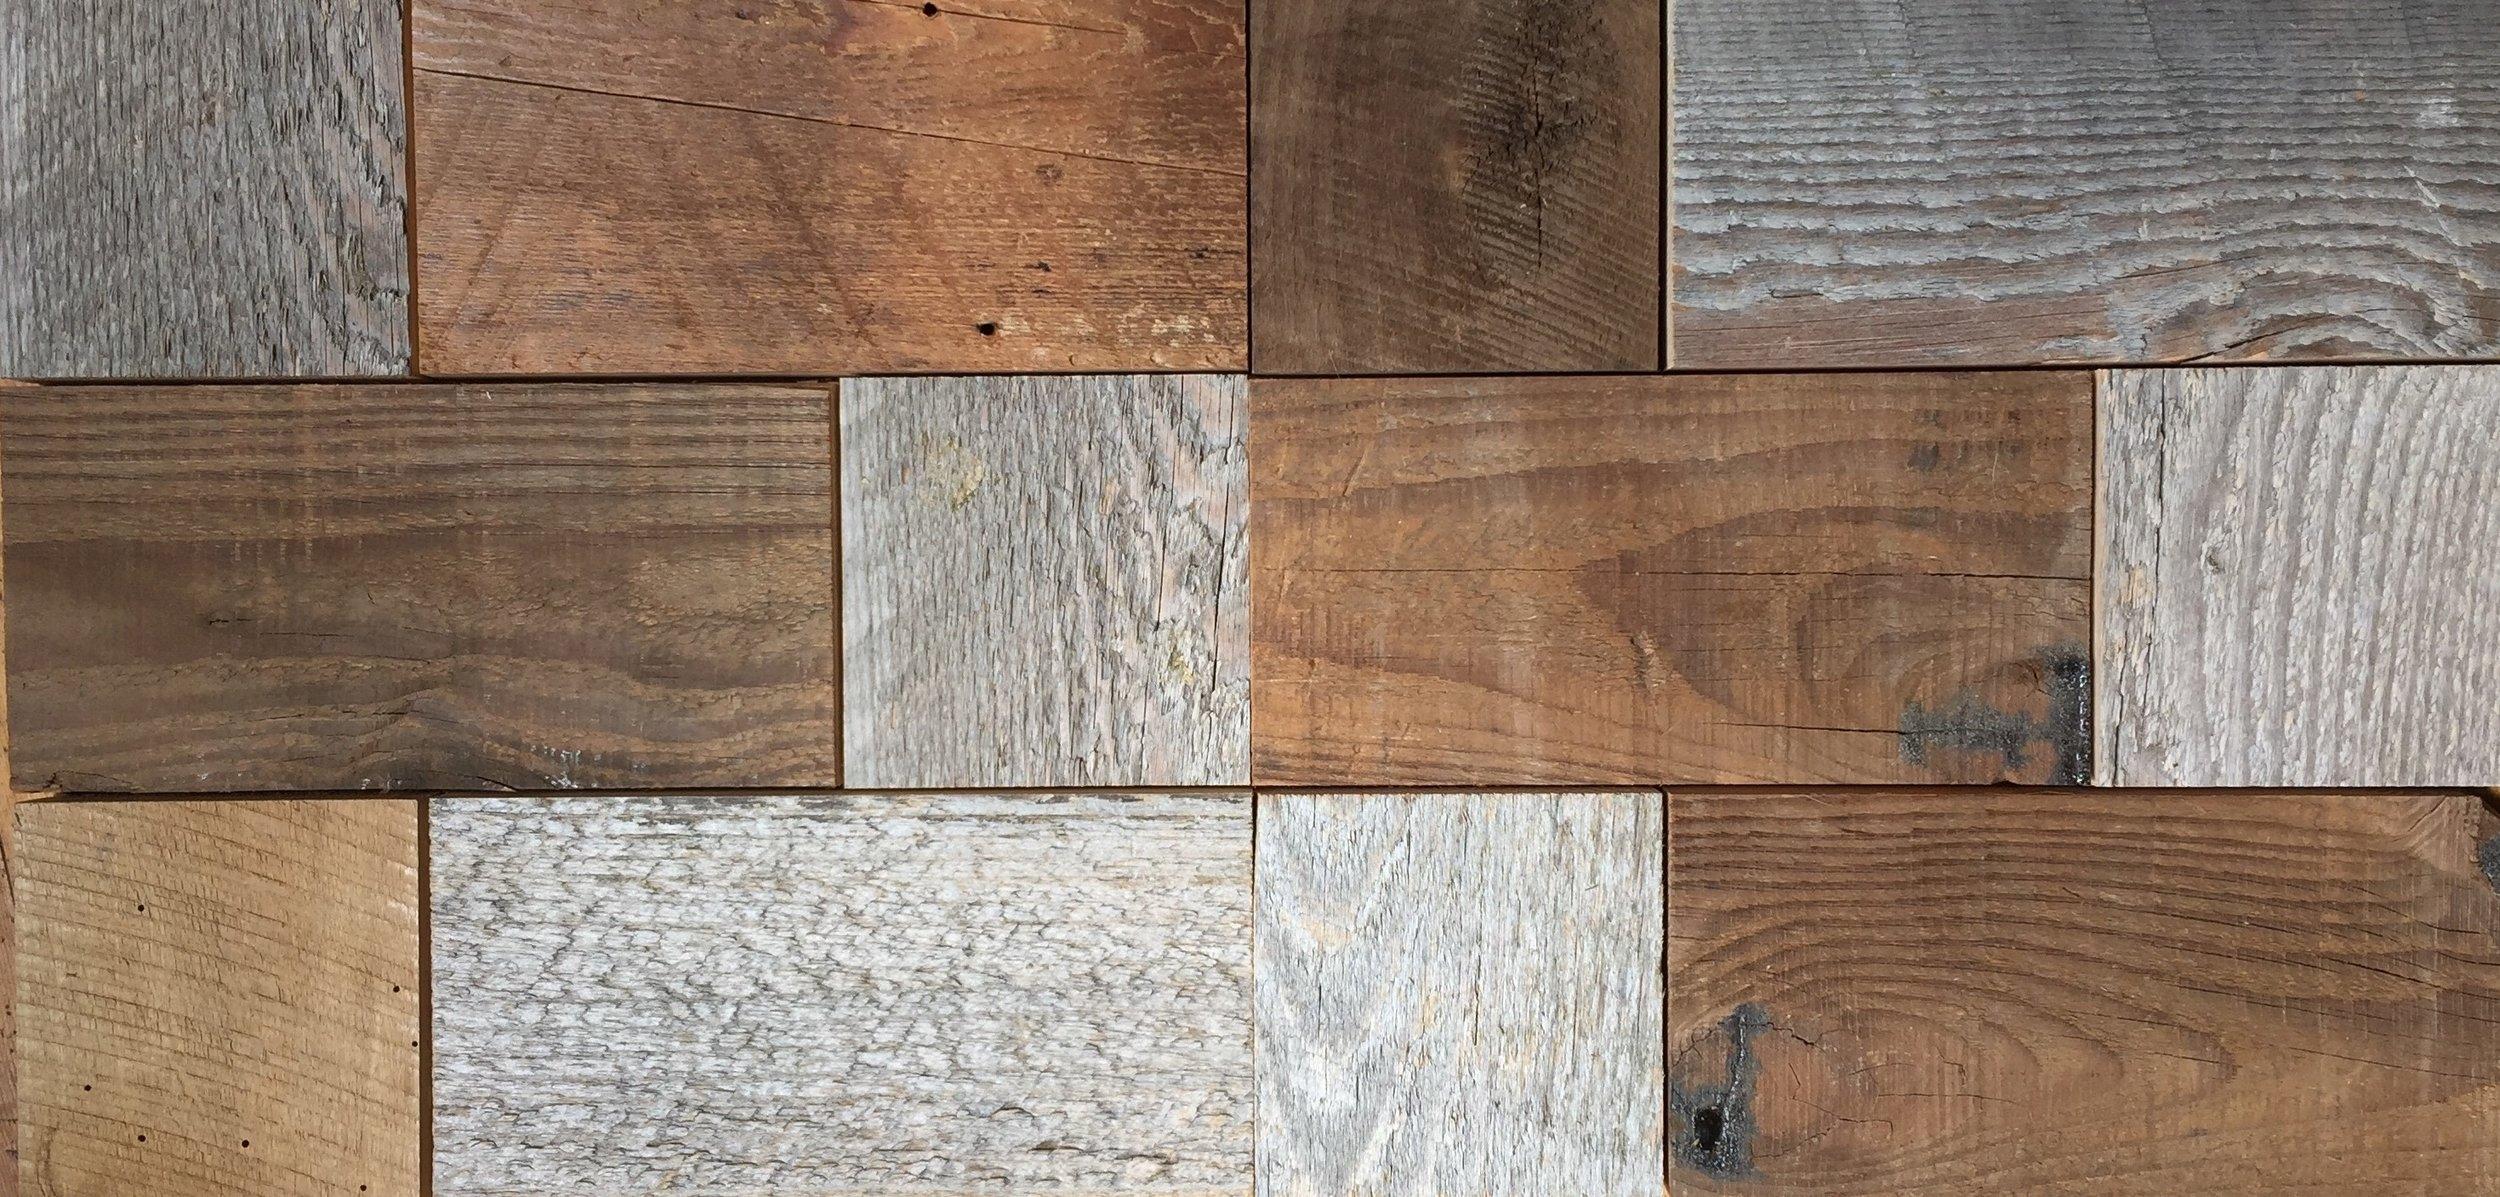 everitt schilling co urban timber